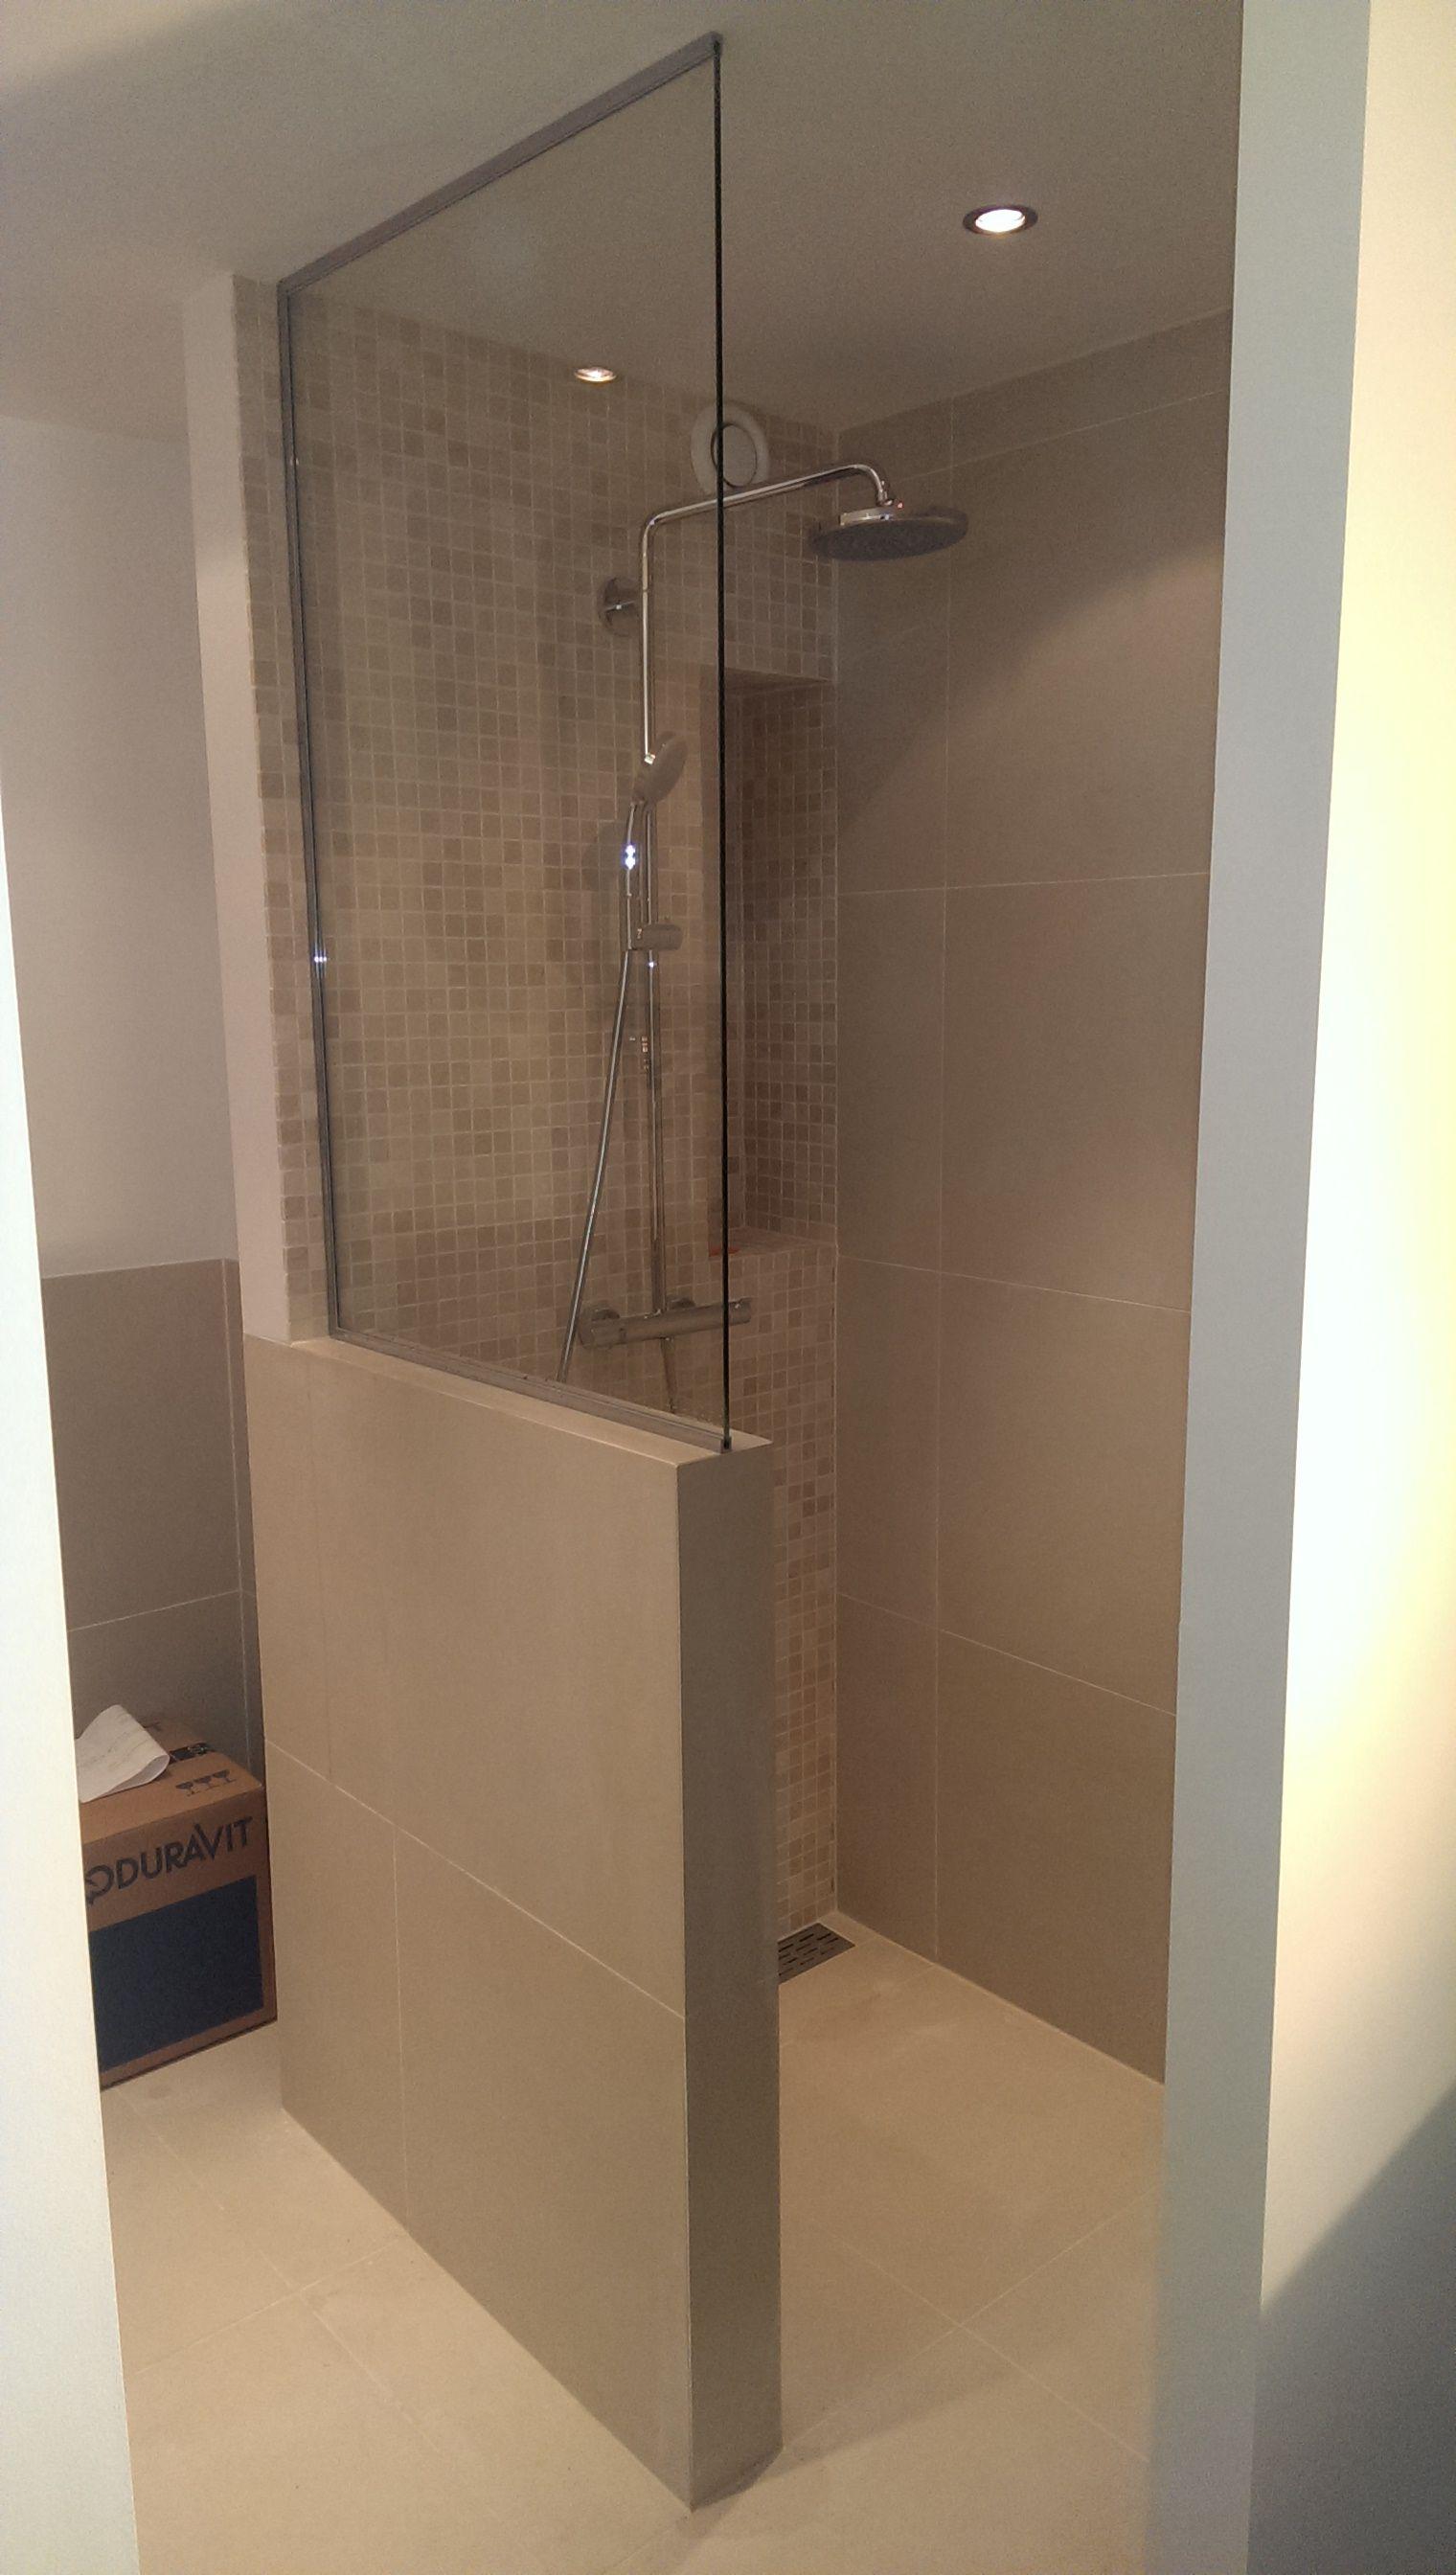 inloopdouche vidre glastoepassingen badkamer inspiratie. Black Bedroom Furniture Sets. Home Design Ideas